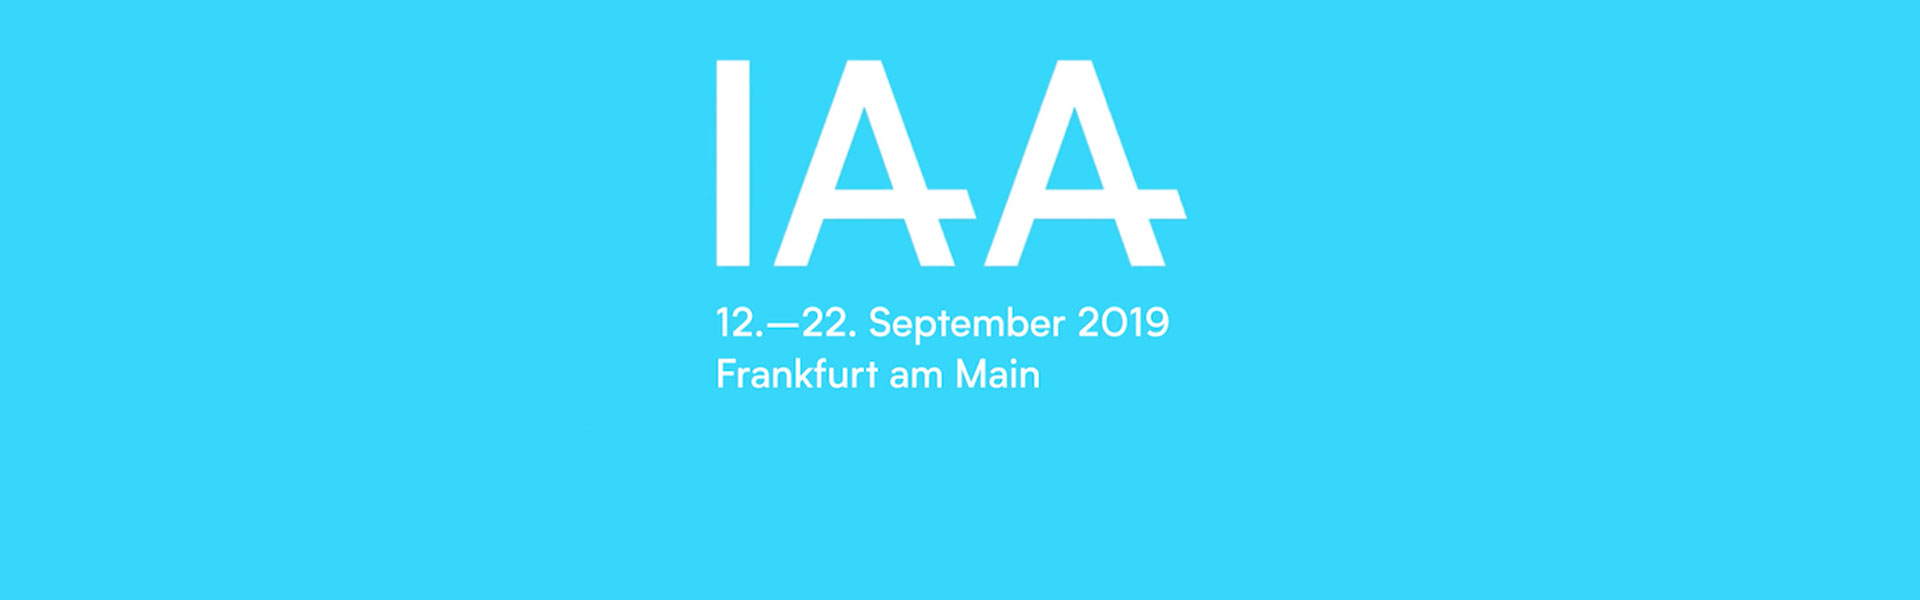 IAA 2019: Erfolg hat nur, wer den Dreisprung Elektrifizierung, Digitalisierung und Neue Mobilität schafft.